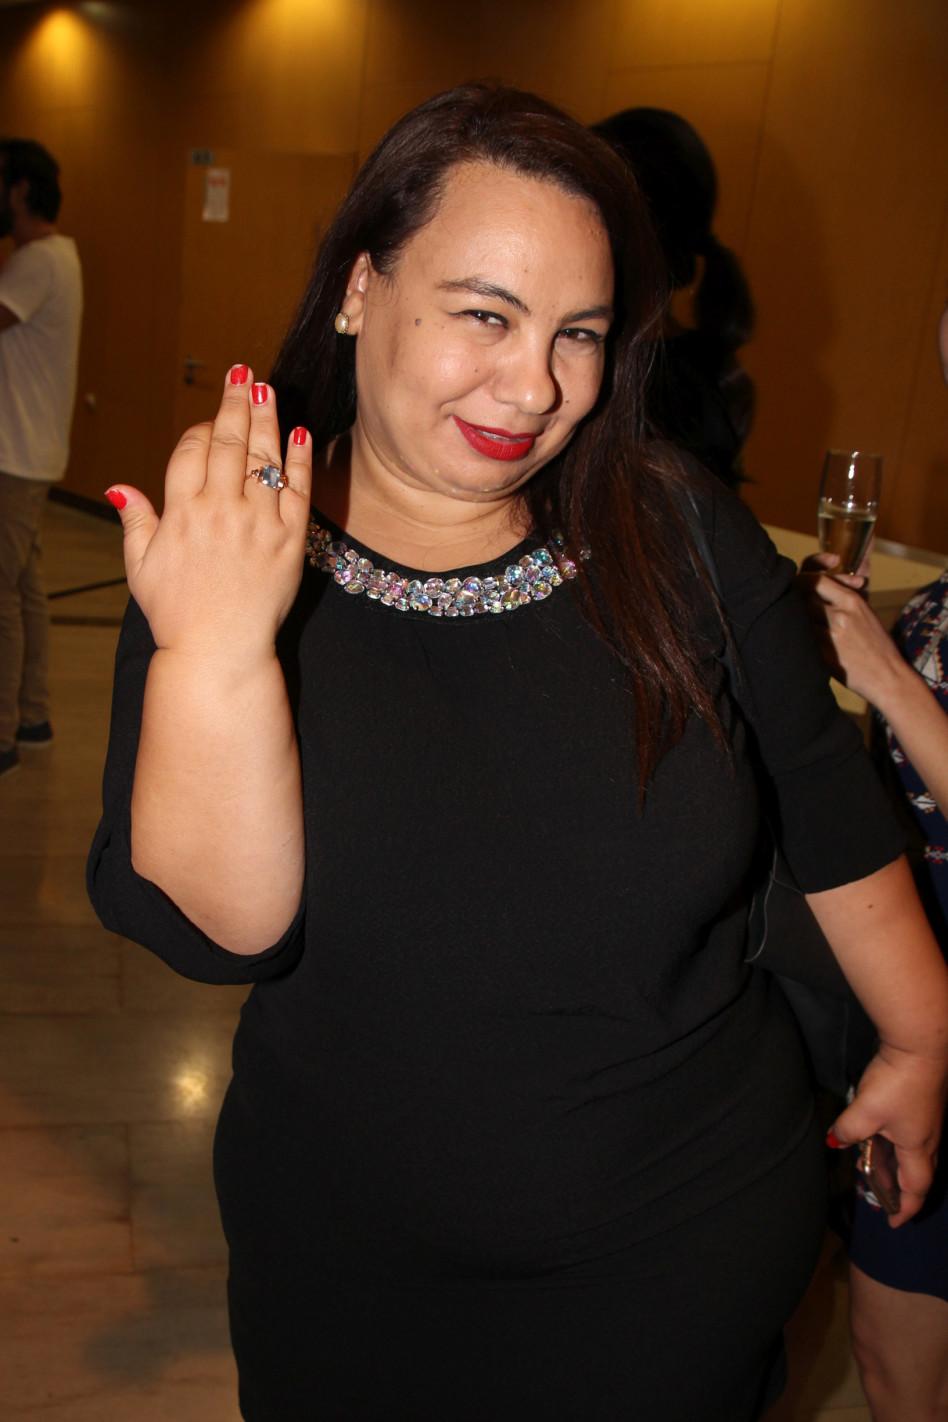 אהב ושם טבעת! בוזגלו